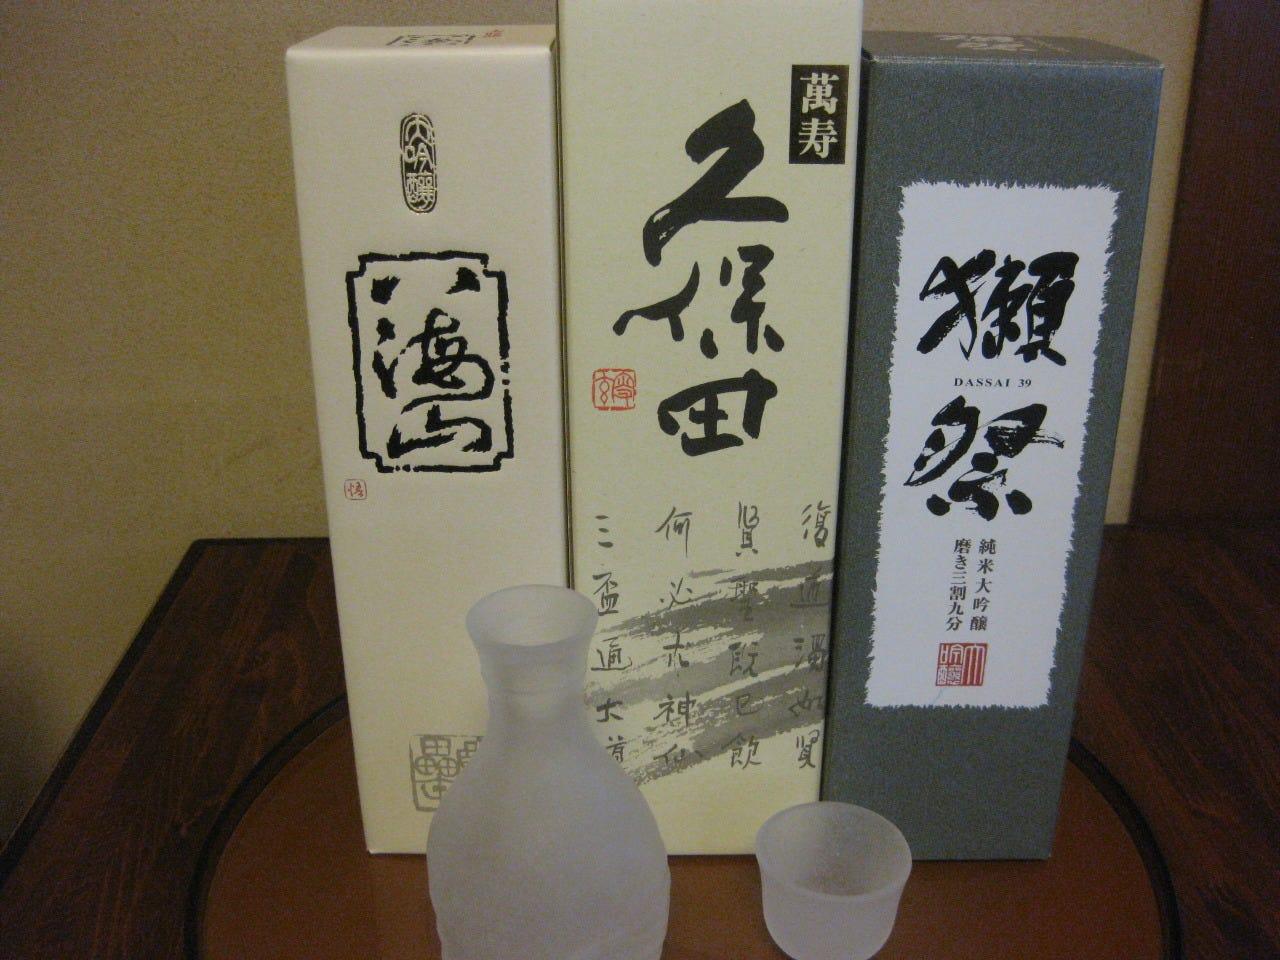 純米大吟醸 八海山、久保田<萬寿>、獺祭、